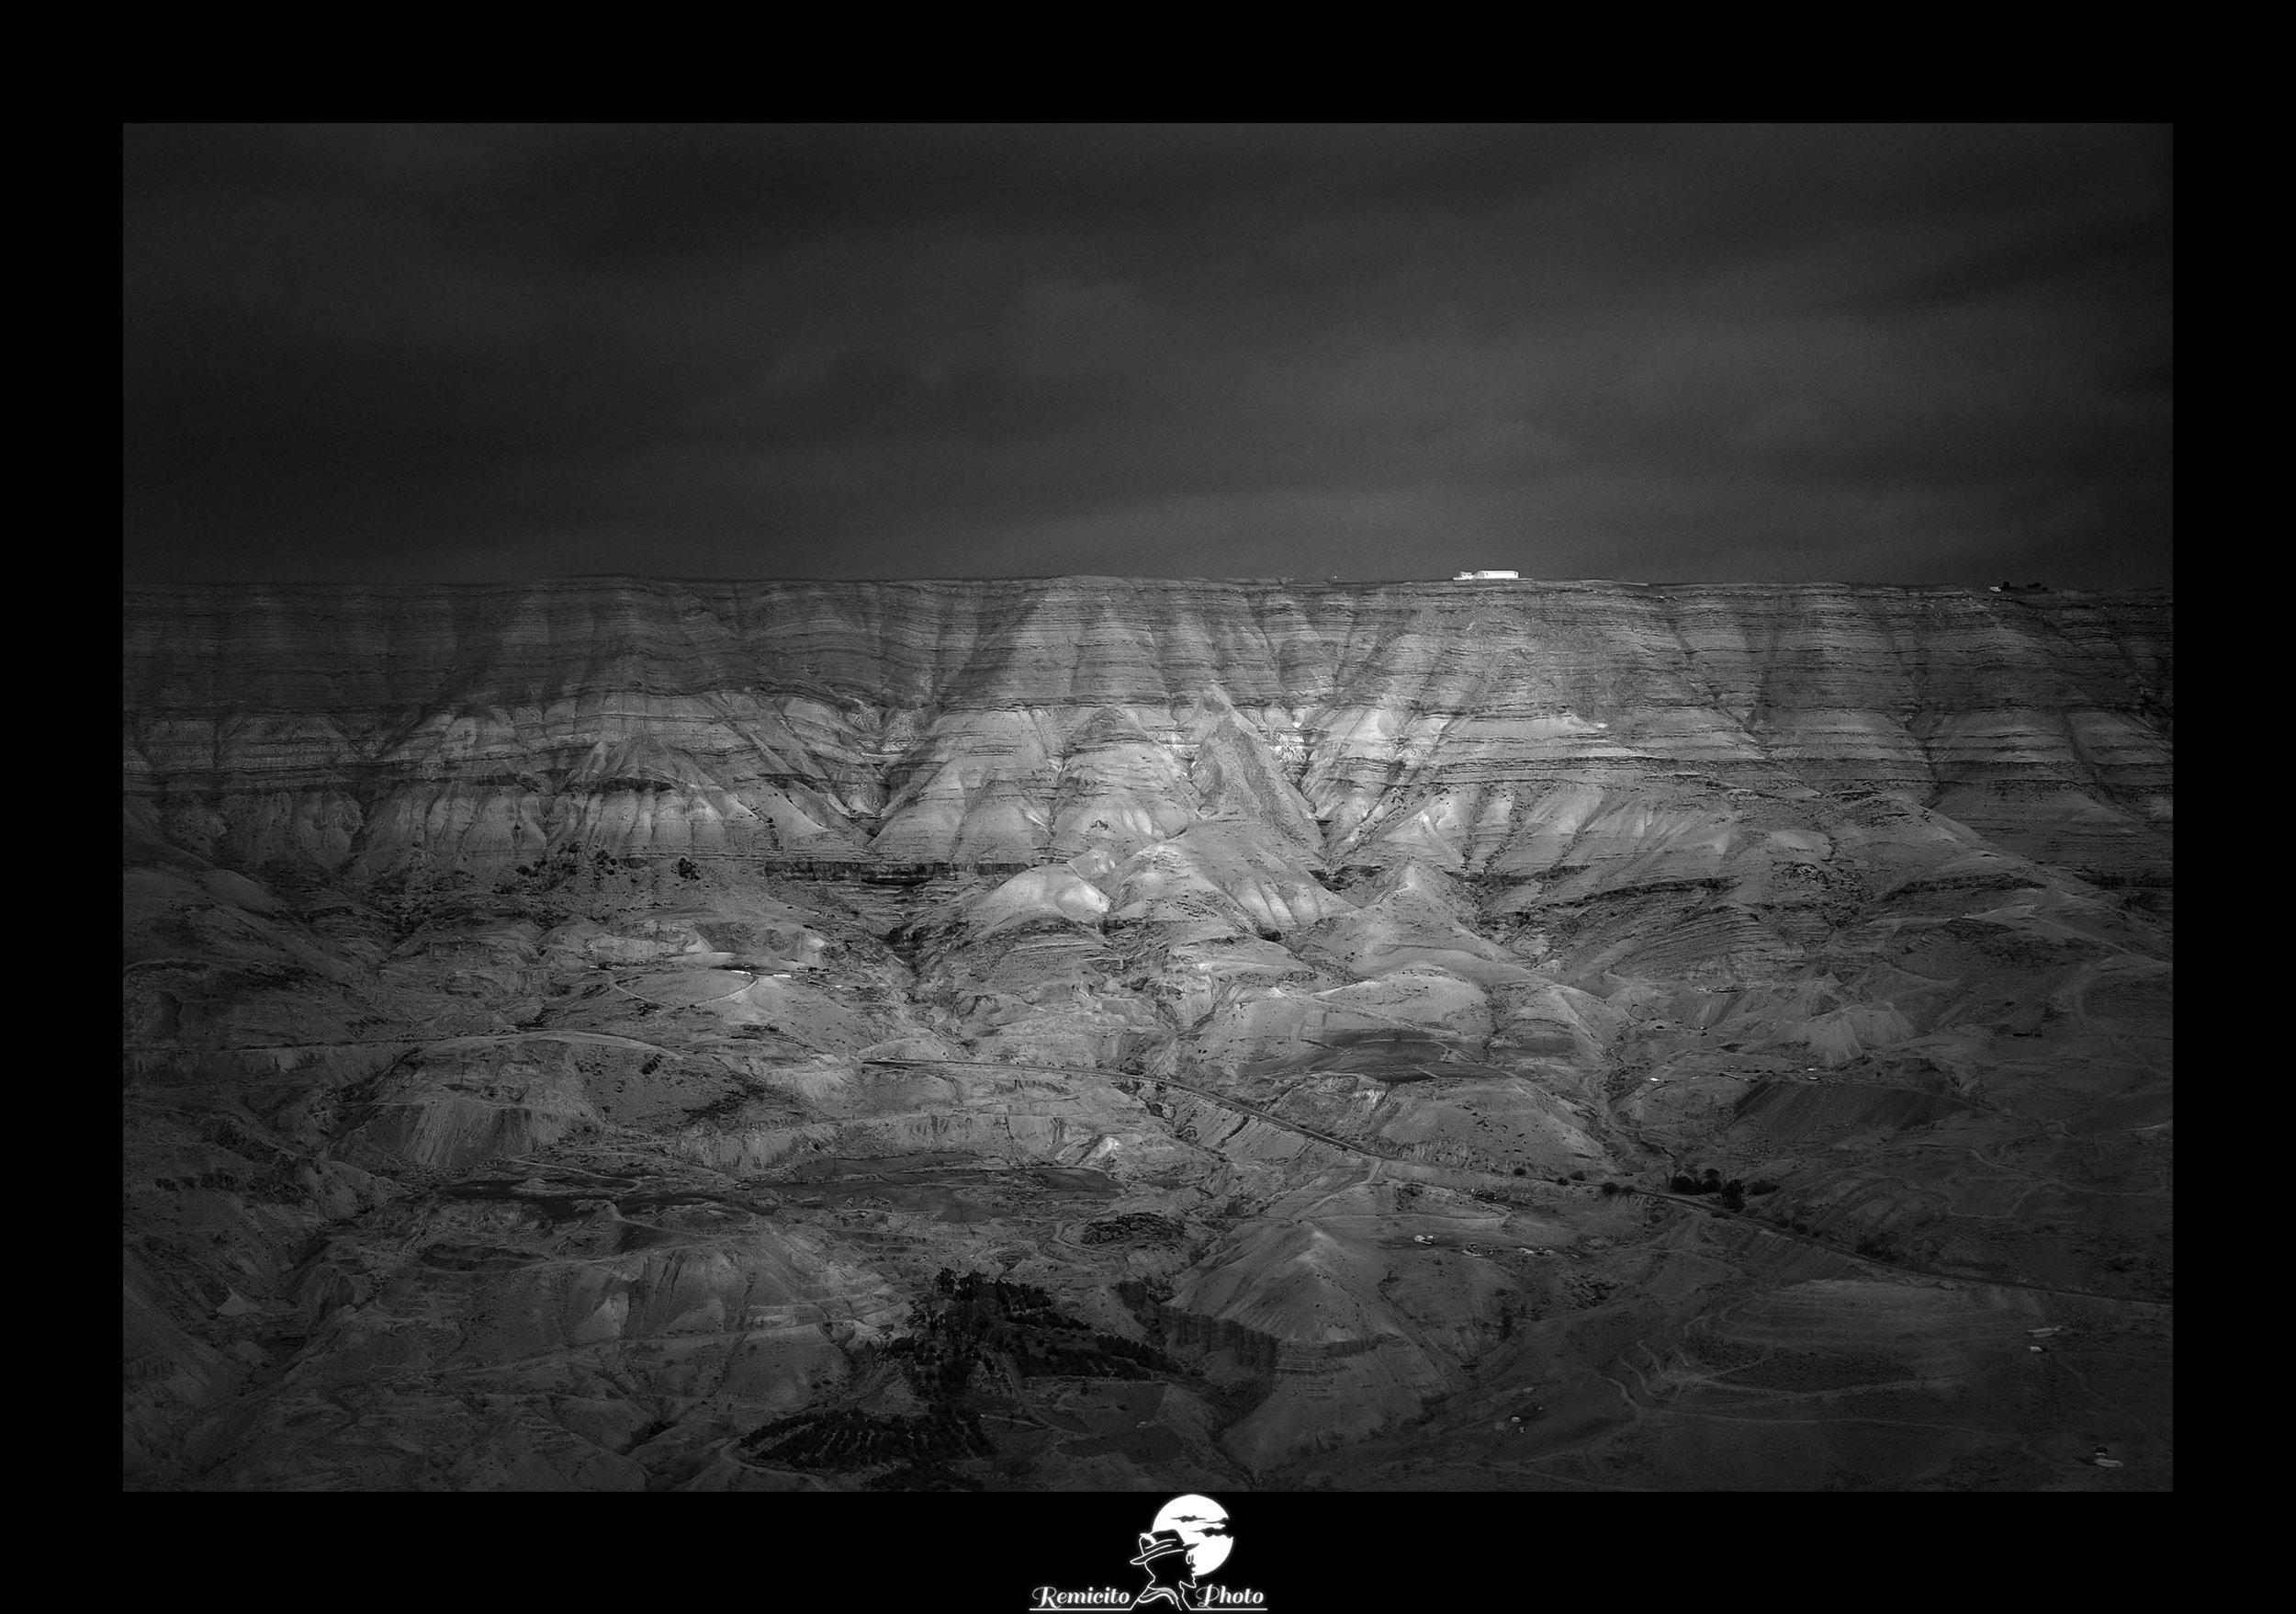 remicito, photoclub paris val-de-bièvres, remicito rémi lacombe, photo noir et blanc voyage remicito, belle photo noir et blanc jordanie, idée cadeau photo noir et blanc désert